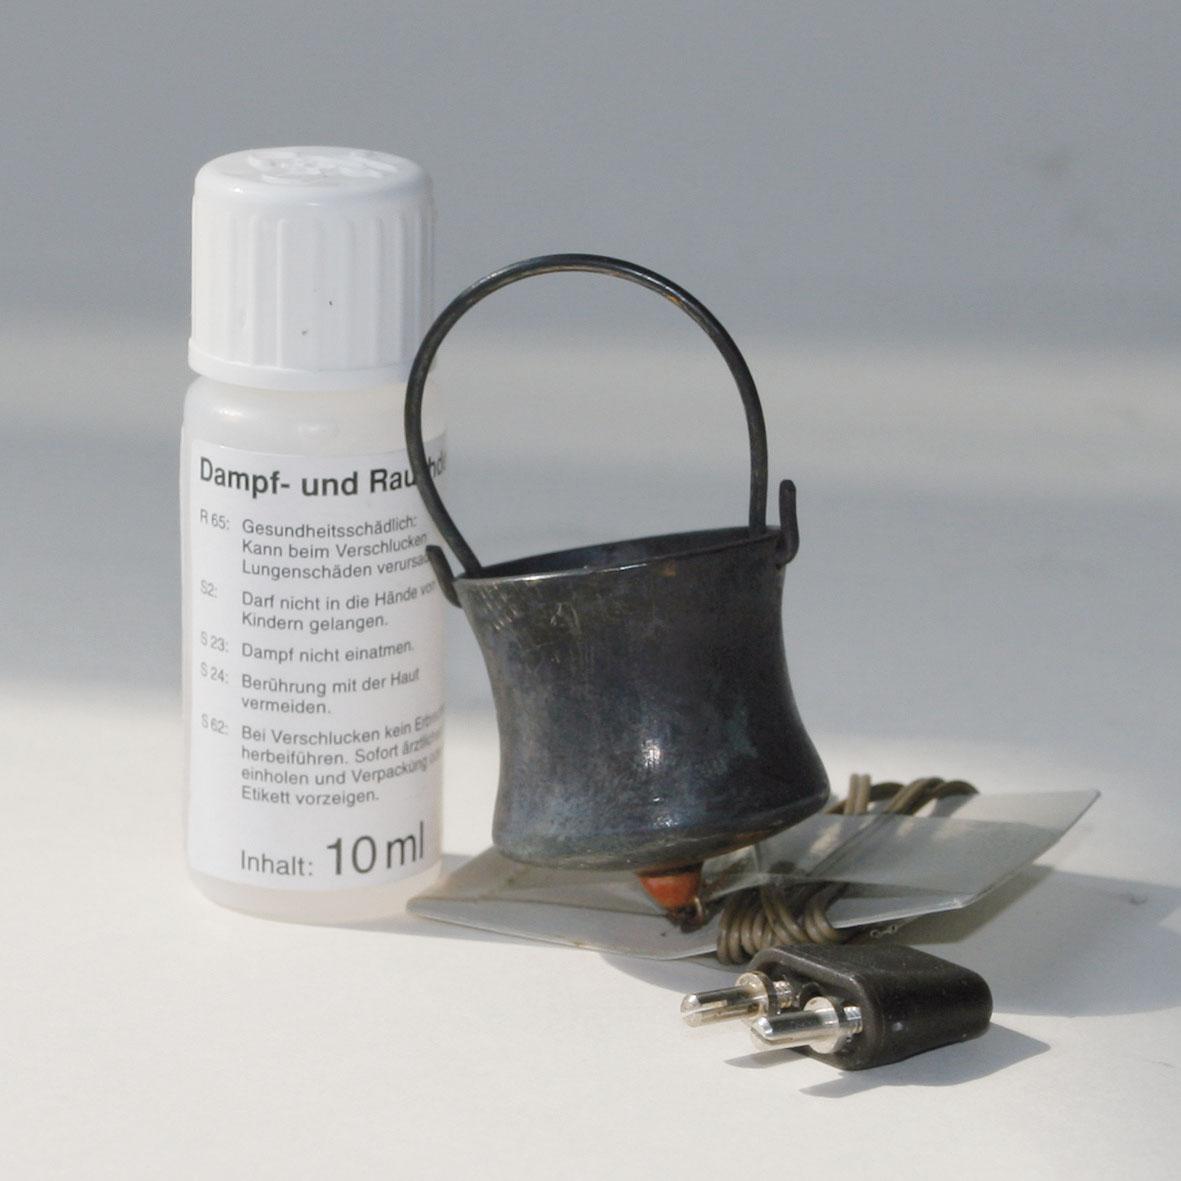 Krippen Zubehör | Rauchset: Kessel, groß, mit 10 ml Rauchdestillat